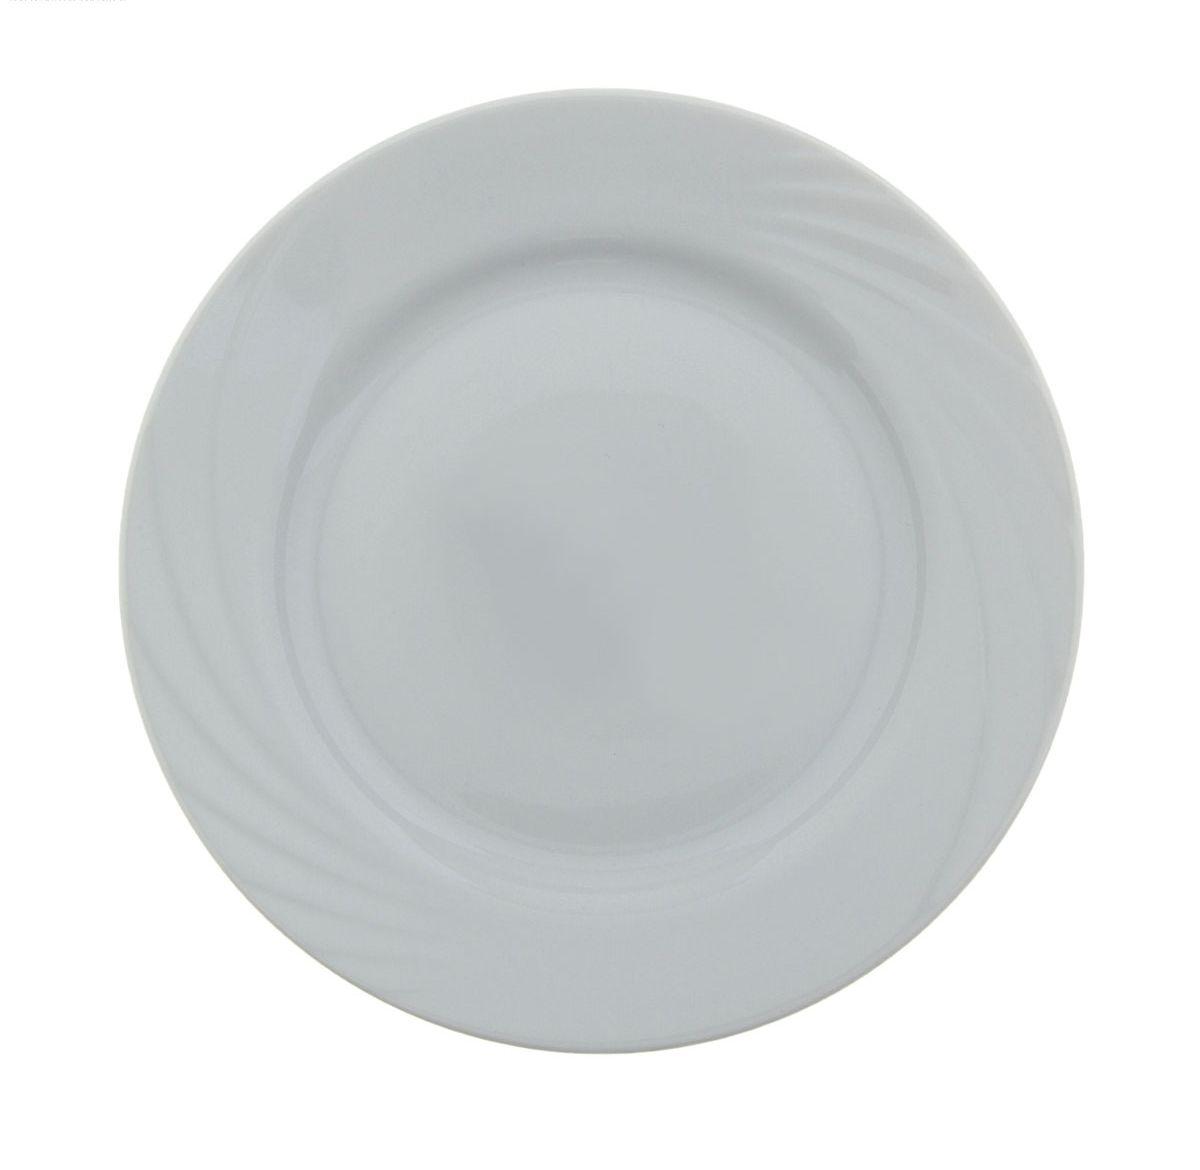 Тарелка мелкая Голубка. Белье, диаметр 17,5 см селедочница голубка ассорти длина 25 см